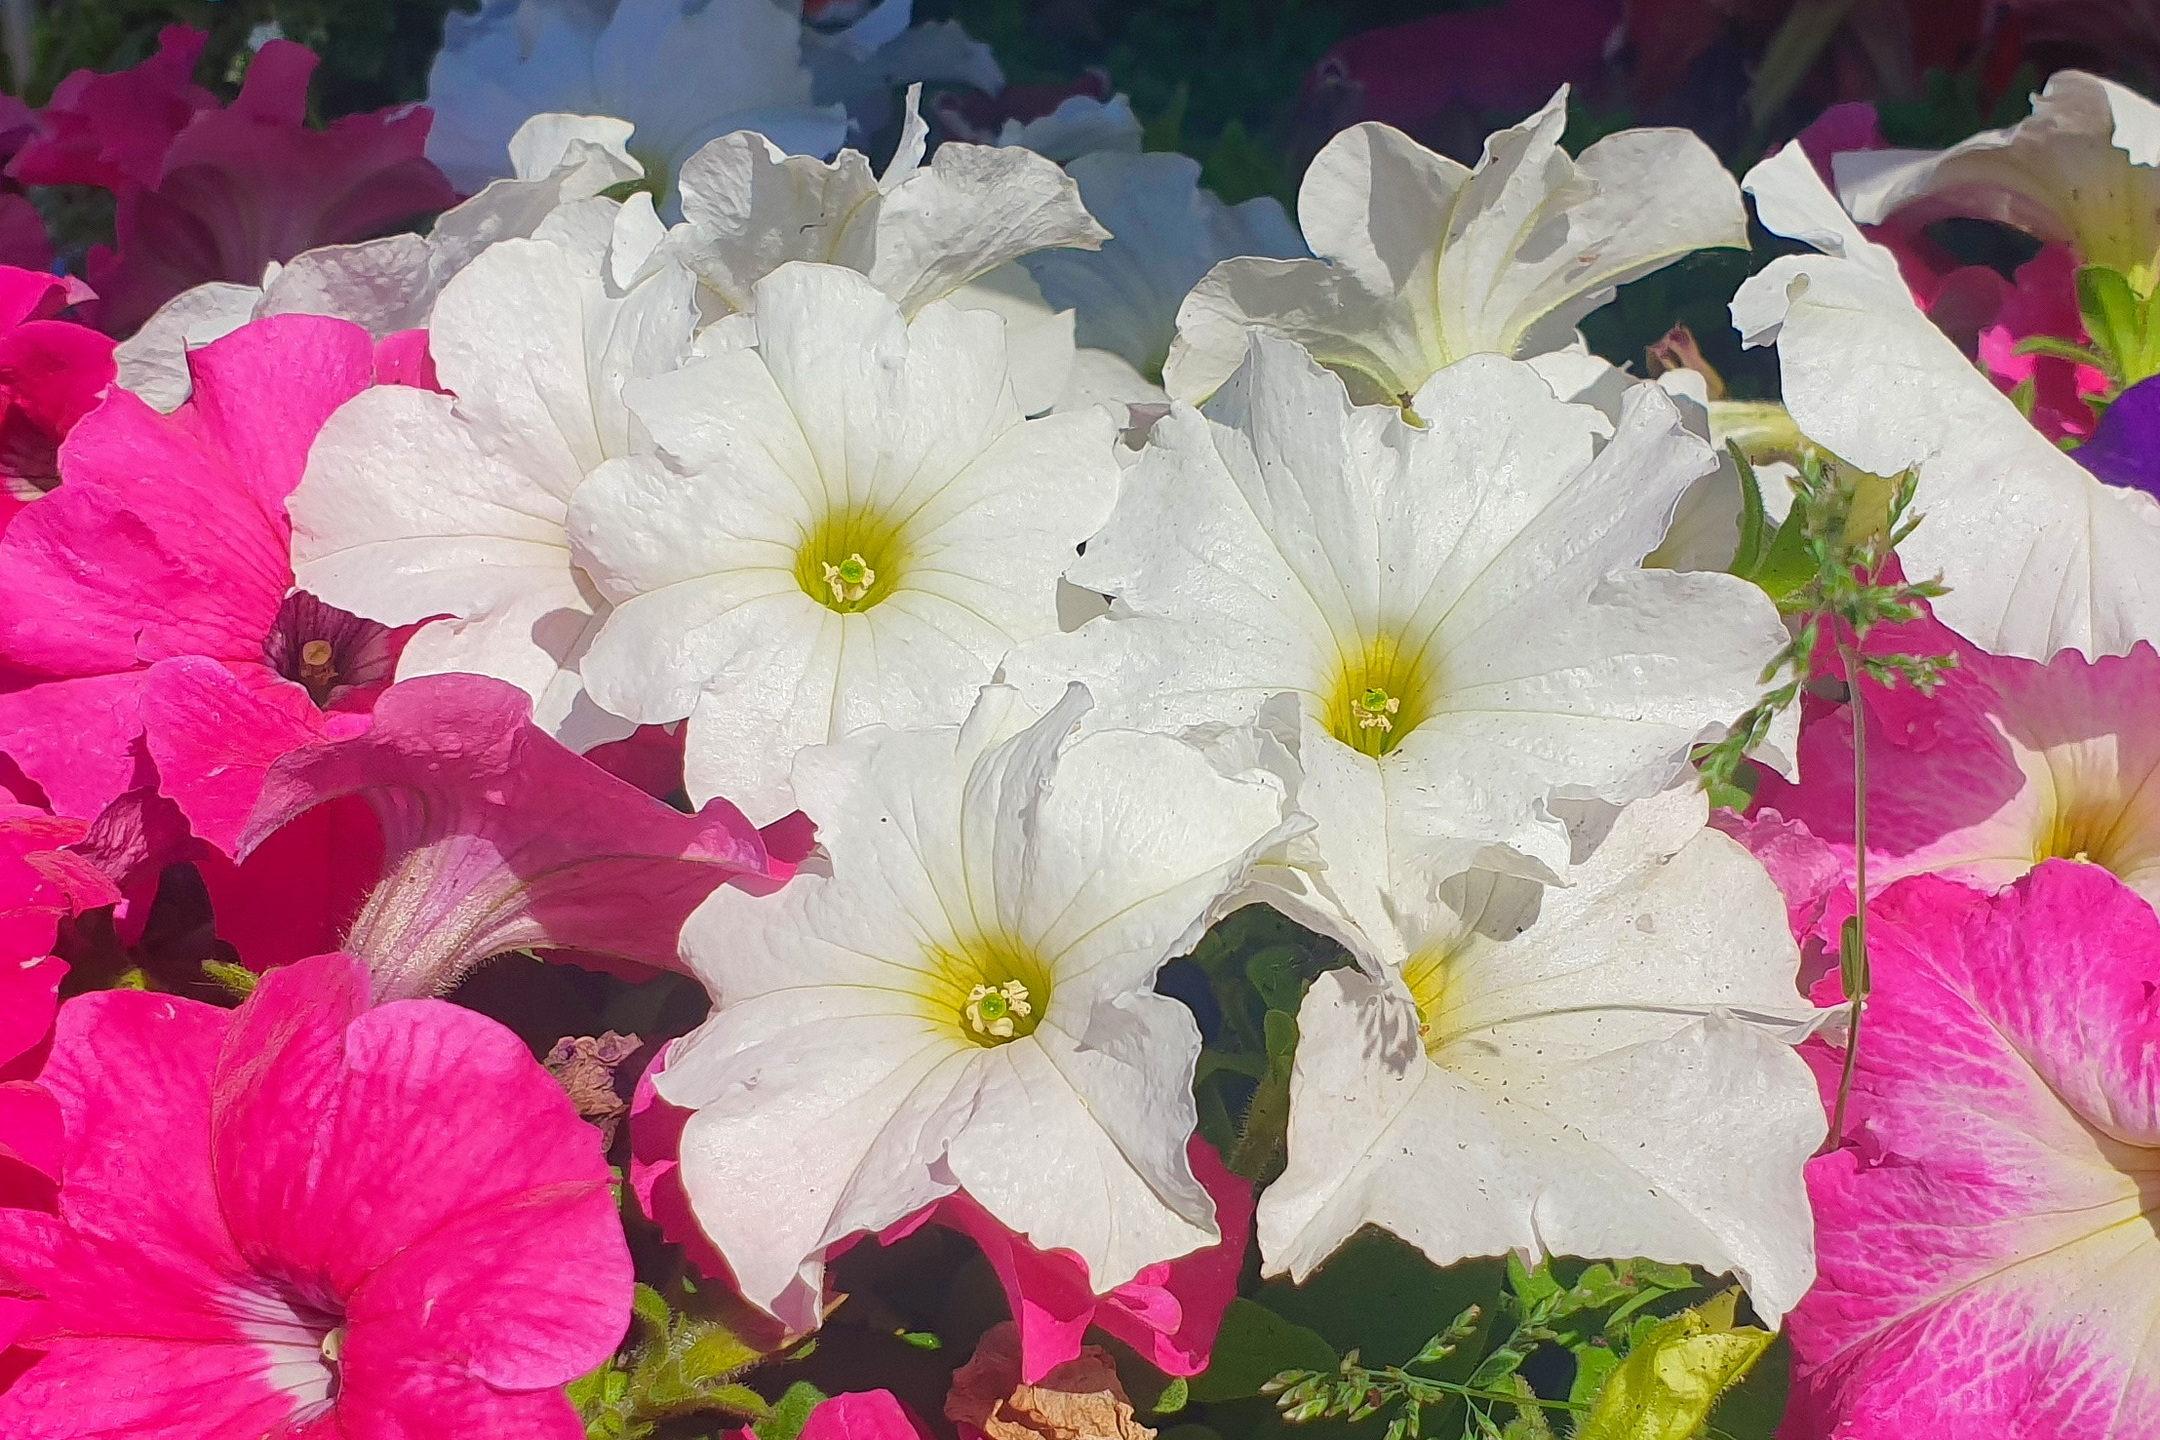 Le-jardin-des-oliviers-21-06-12-07.jpg